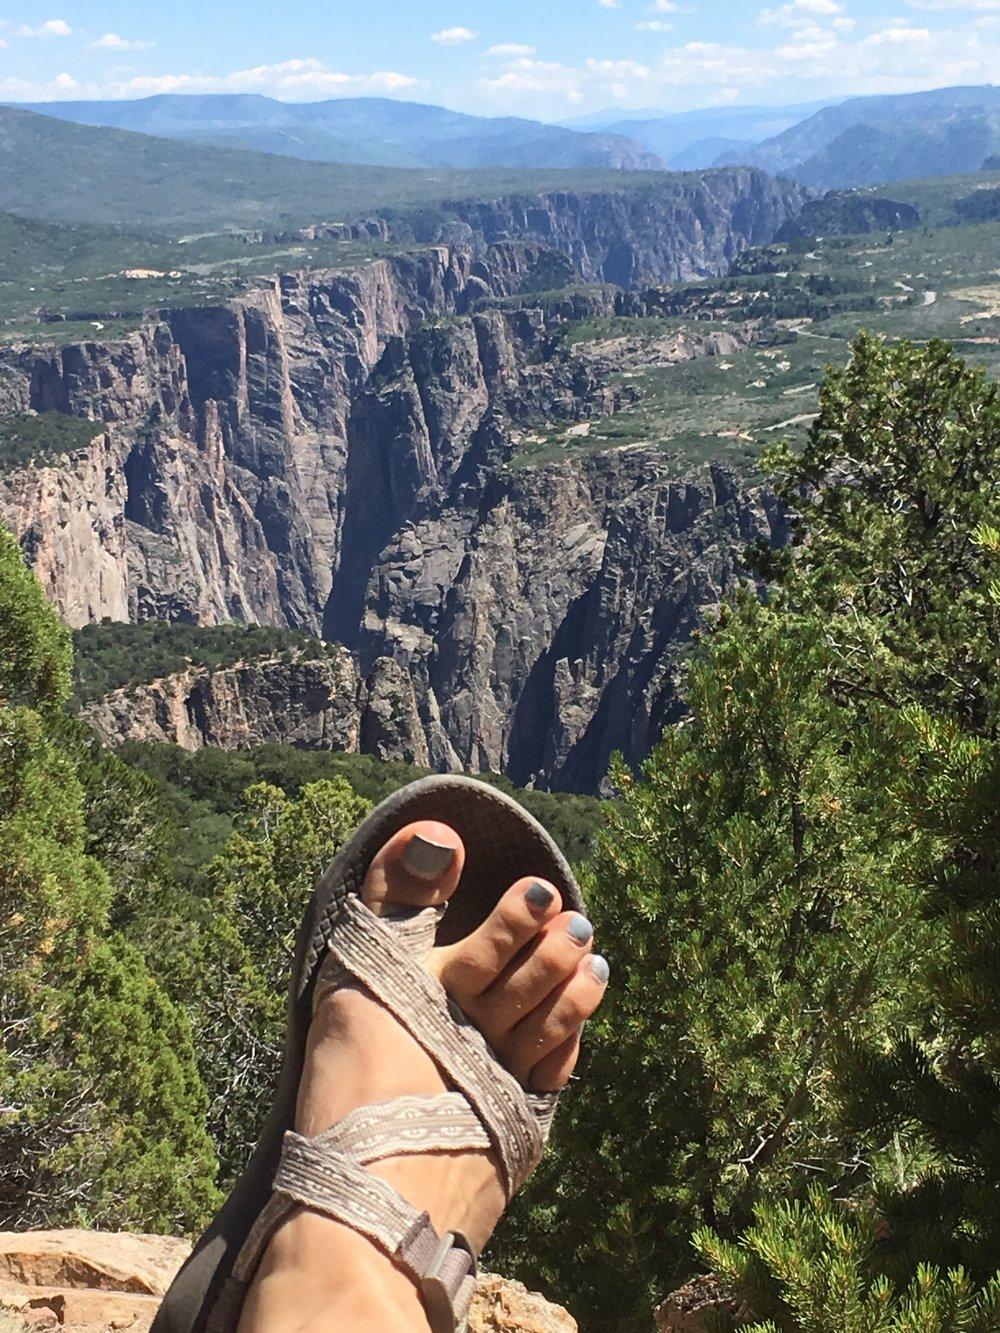 Hello foot in front of pretty landscape photo. I'm original.